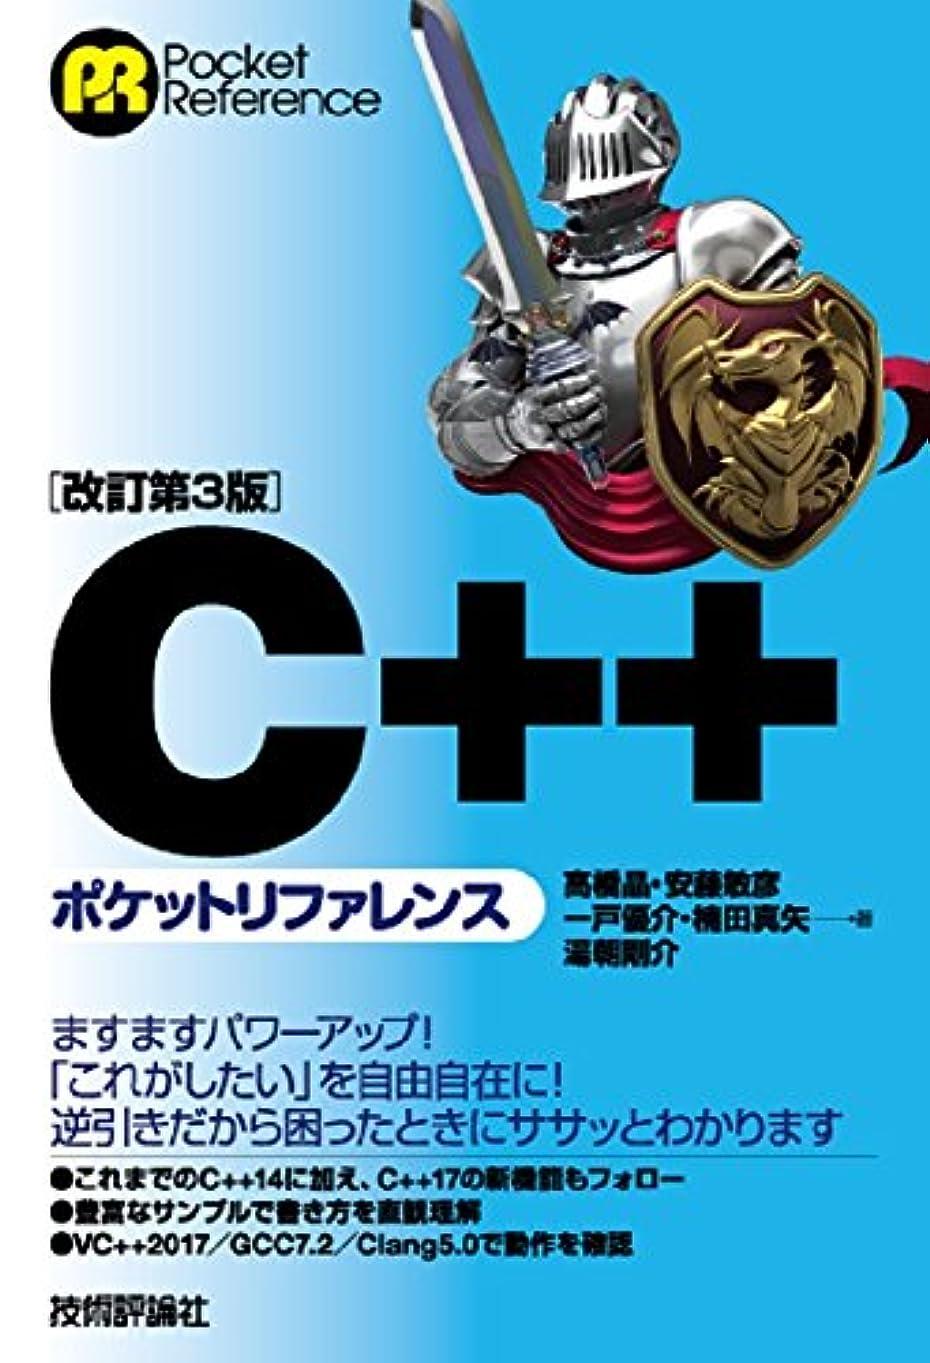 メイト旅行者行動[改訂第3版]C++ポケットリファレンス (POCKET REFERENCE)